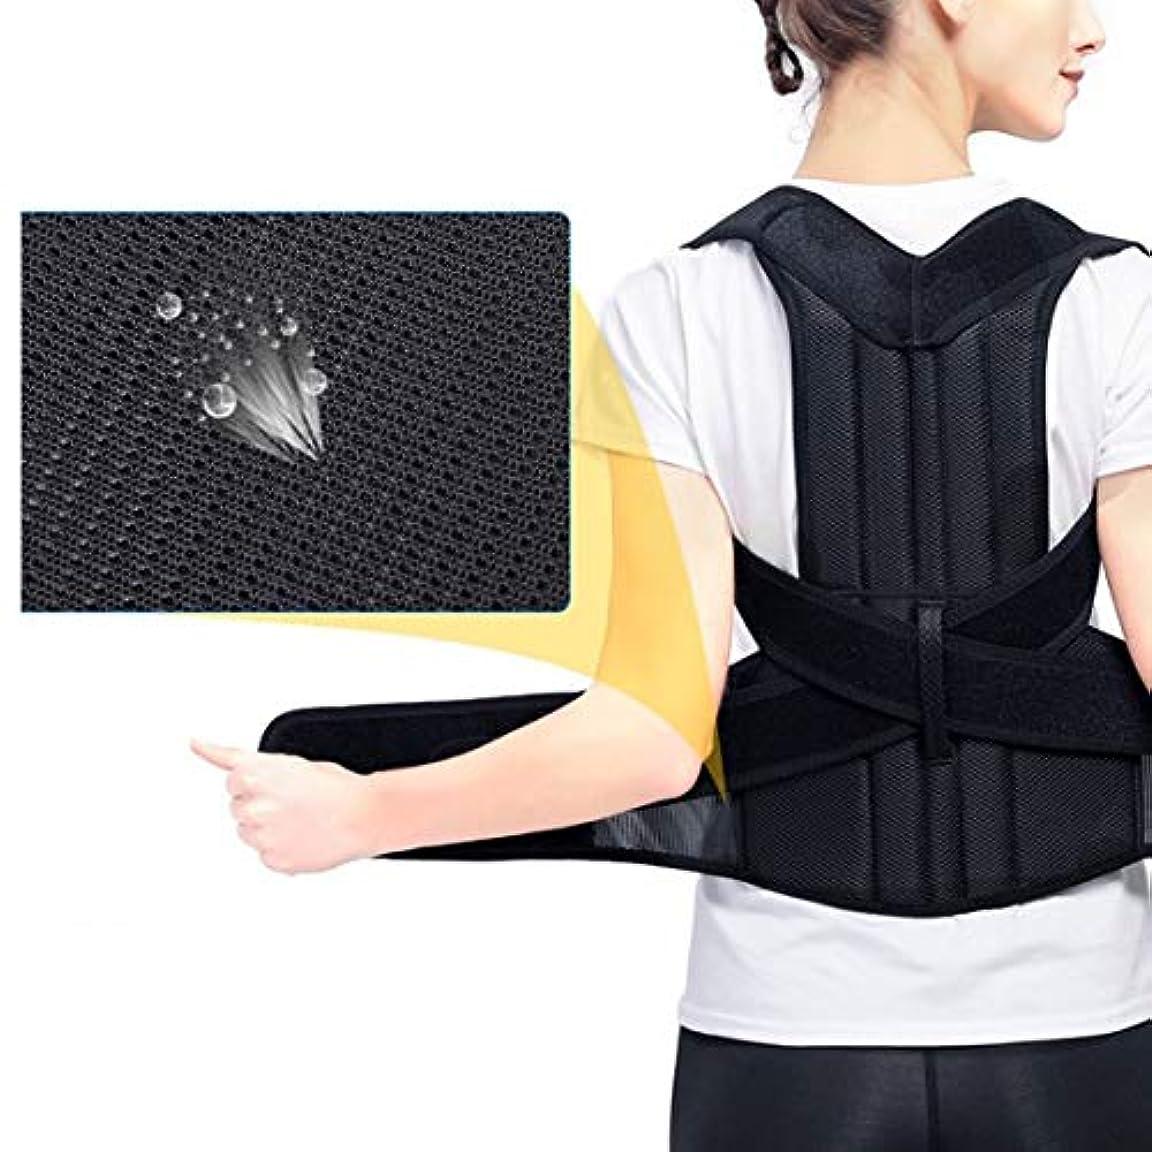 相反する美的最も遠い腰椎矯正バックブレース背骨装具側弯症腰椎サポート脊椎湾曲装具固定用姿勢 - 黒